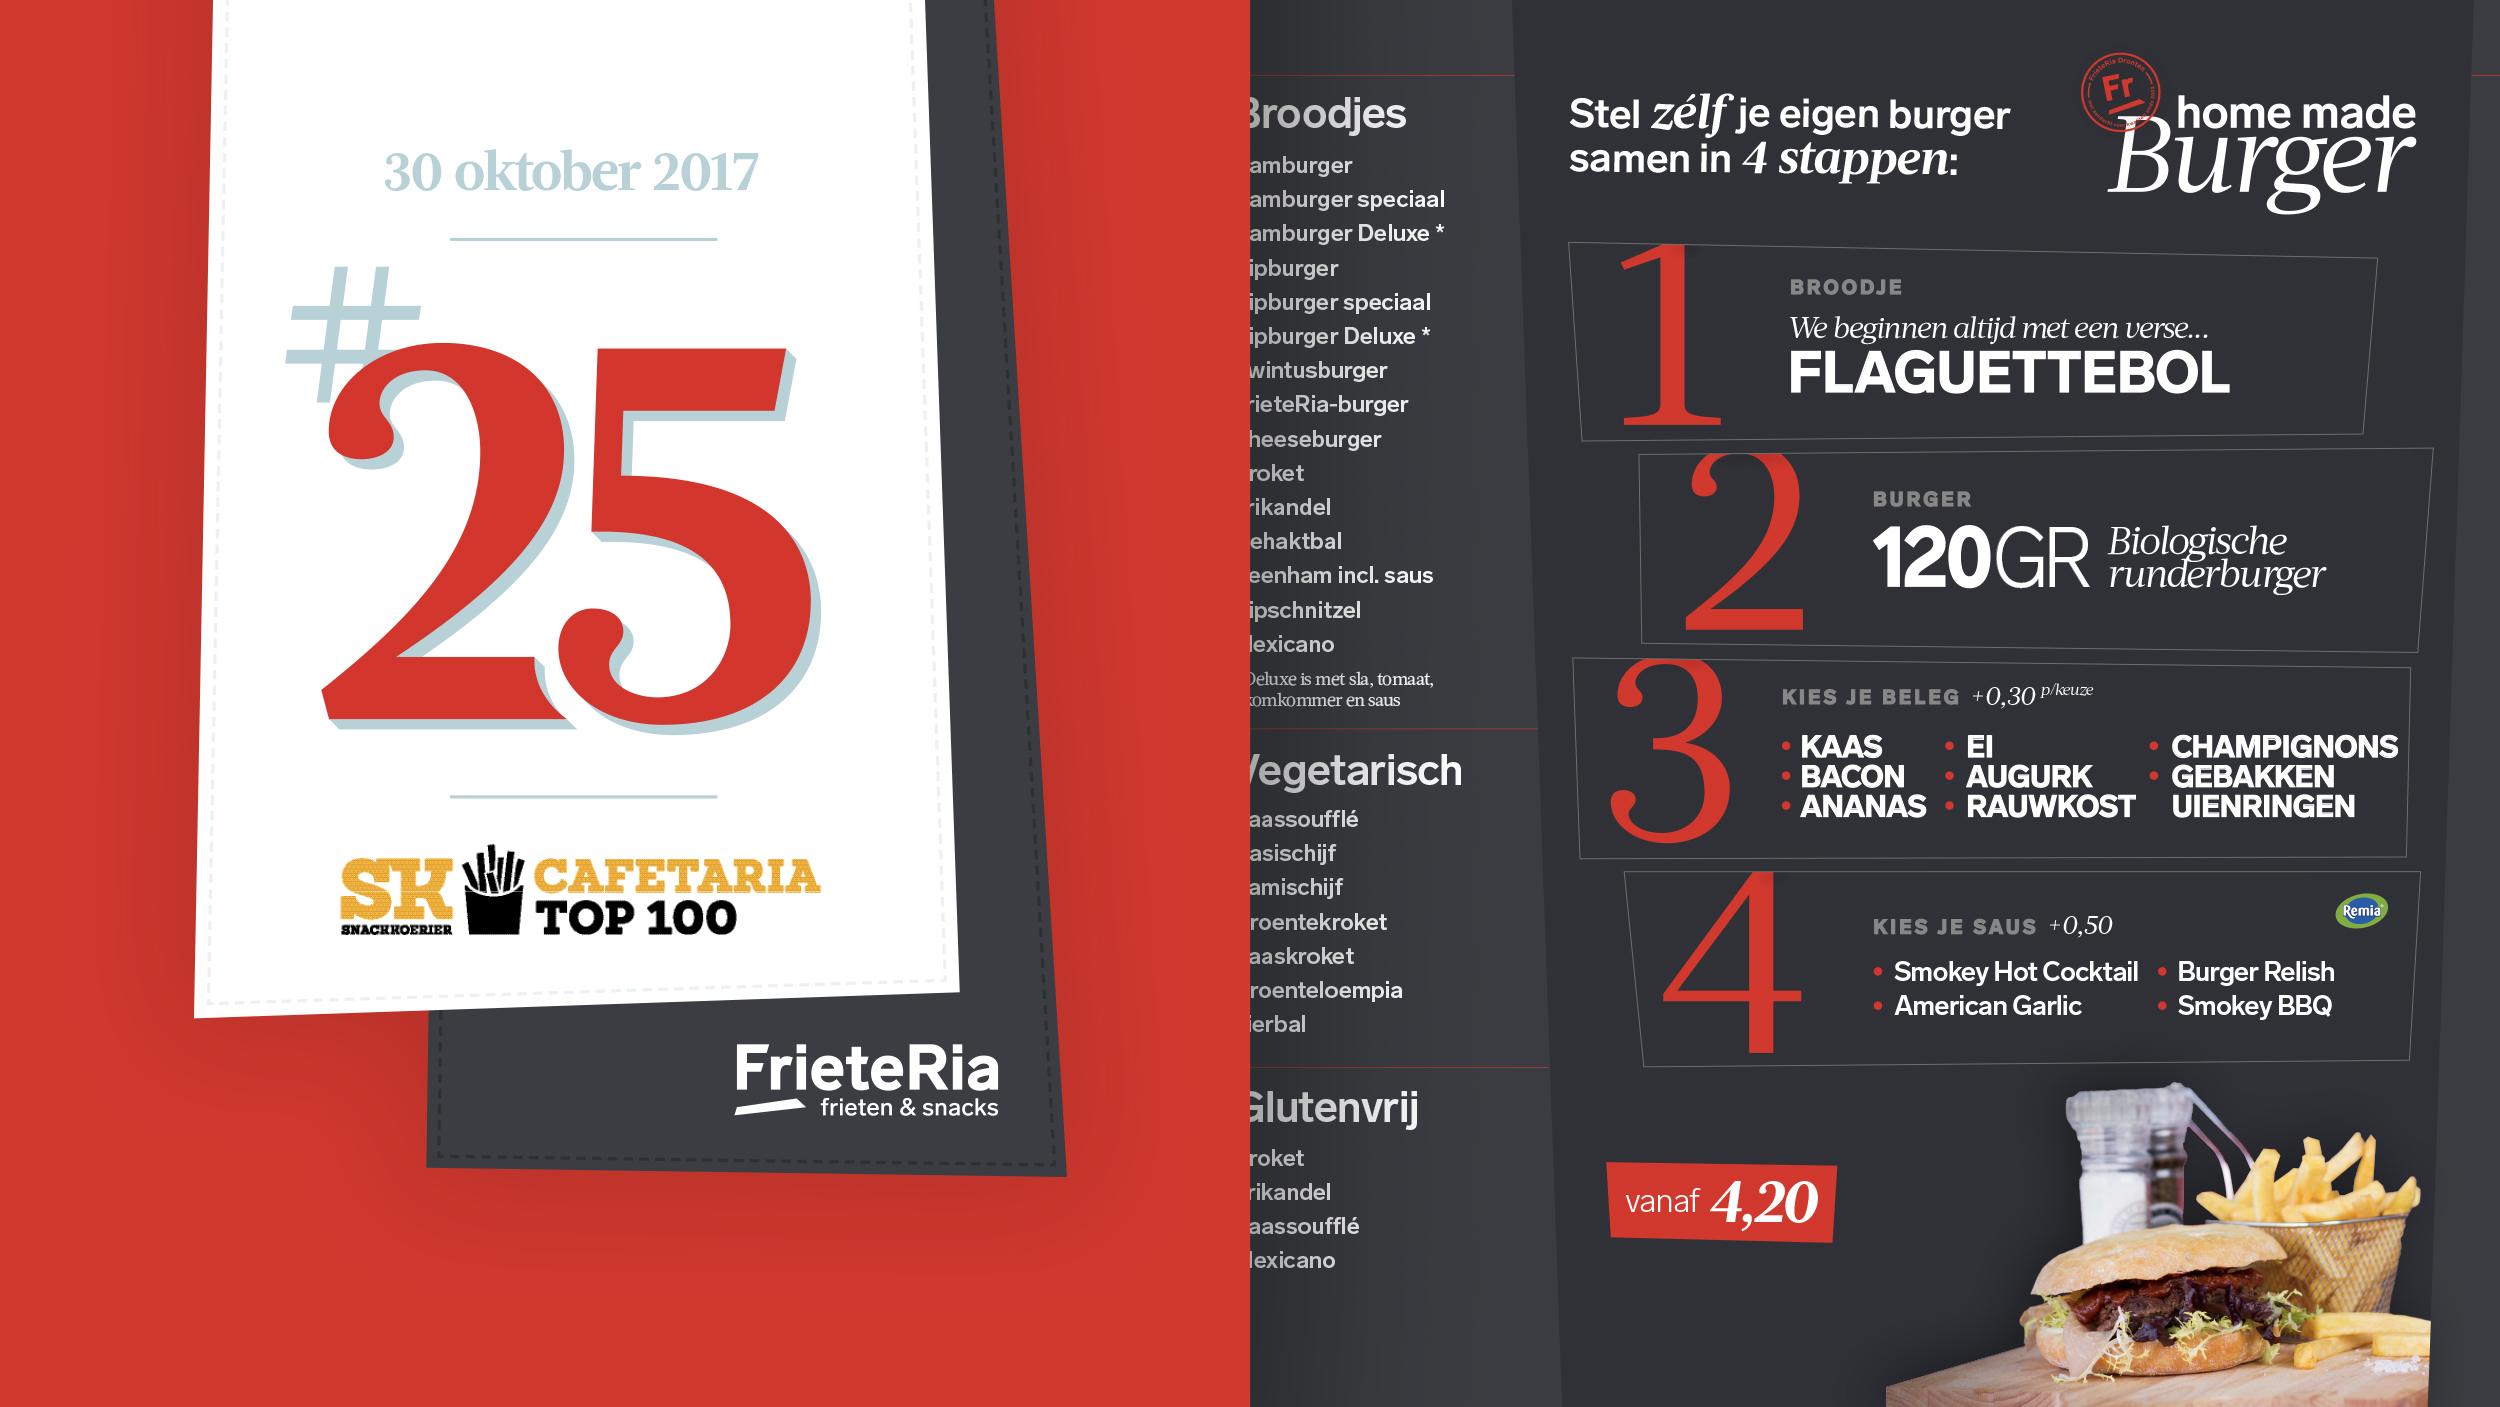 Banner 25e plaats Cafetaria Top100 (l) & Fragment prijslijst in de FrieteRia (r)